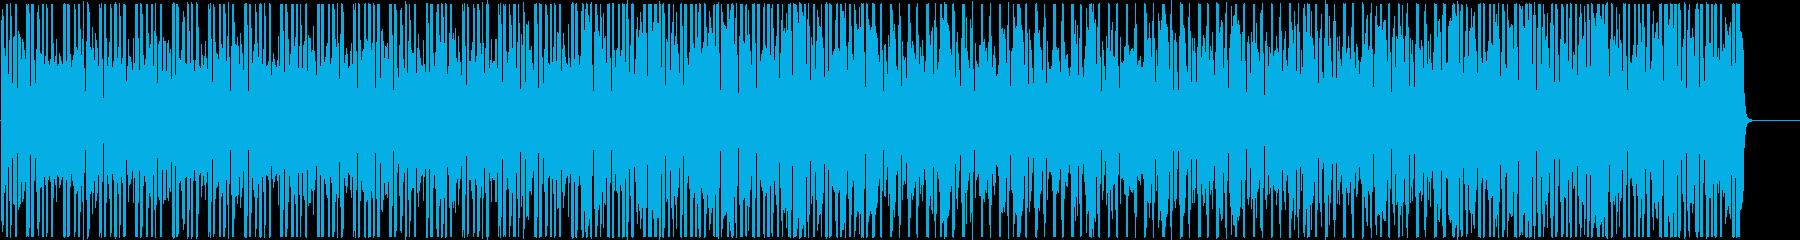 コミカルで日常的なローファイヒップホップの再生済みの波形